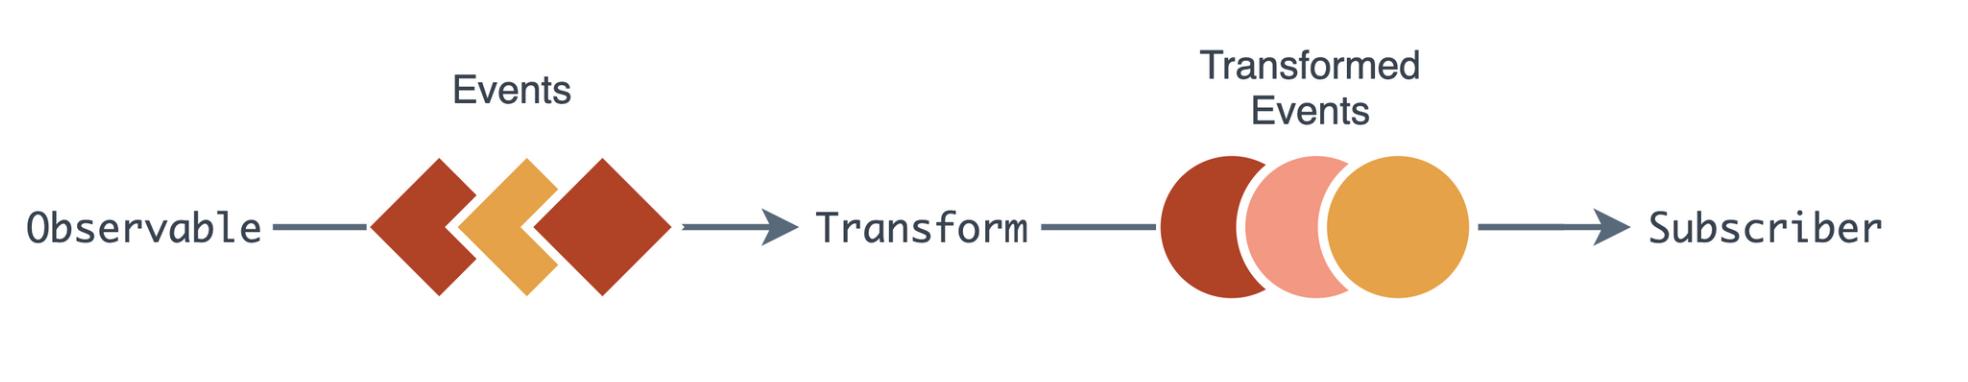 Что делает реактивную систему хорошей? - 2